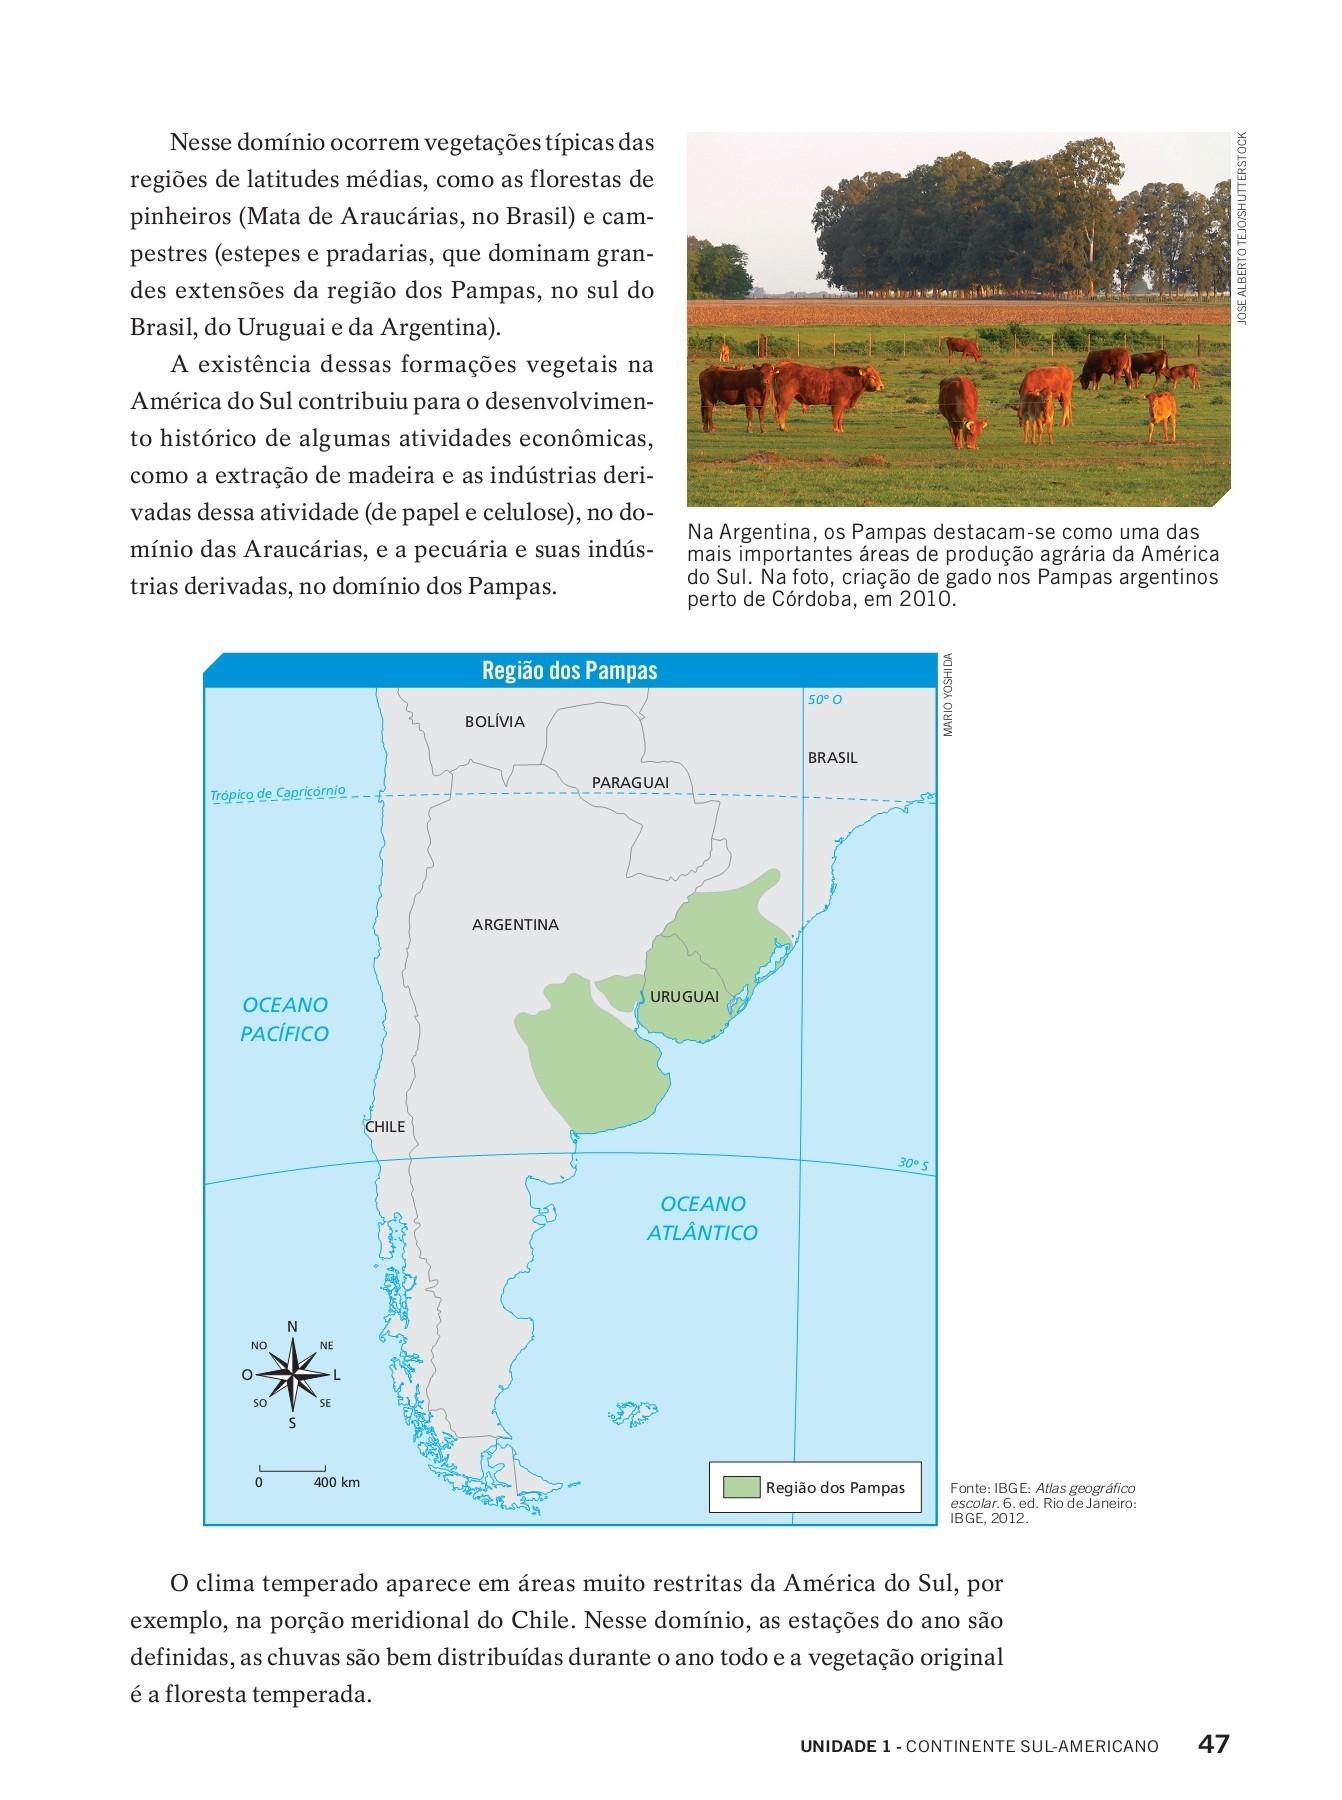 Calendario Janeiro 2020 Brasil Recientes Pnld17 Col Integralis Geografia 8º No Pages 51 100 Of Calendario Janeiro 2020 Brasil Más Recientes Root